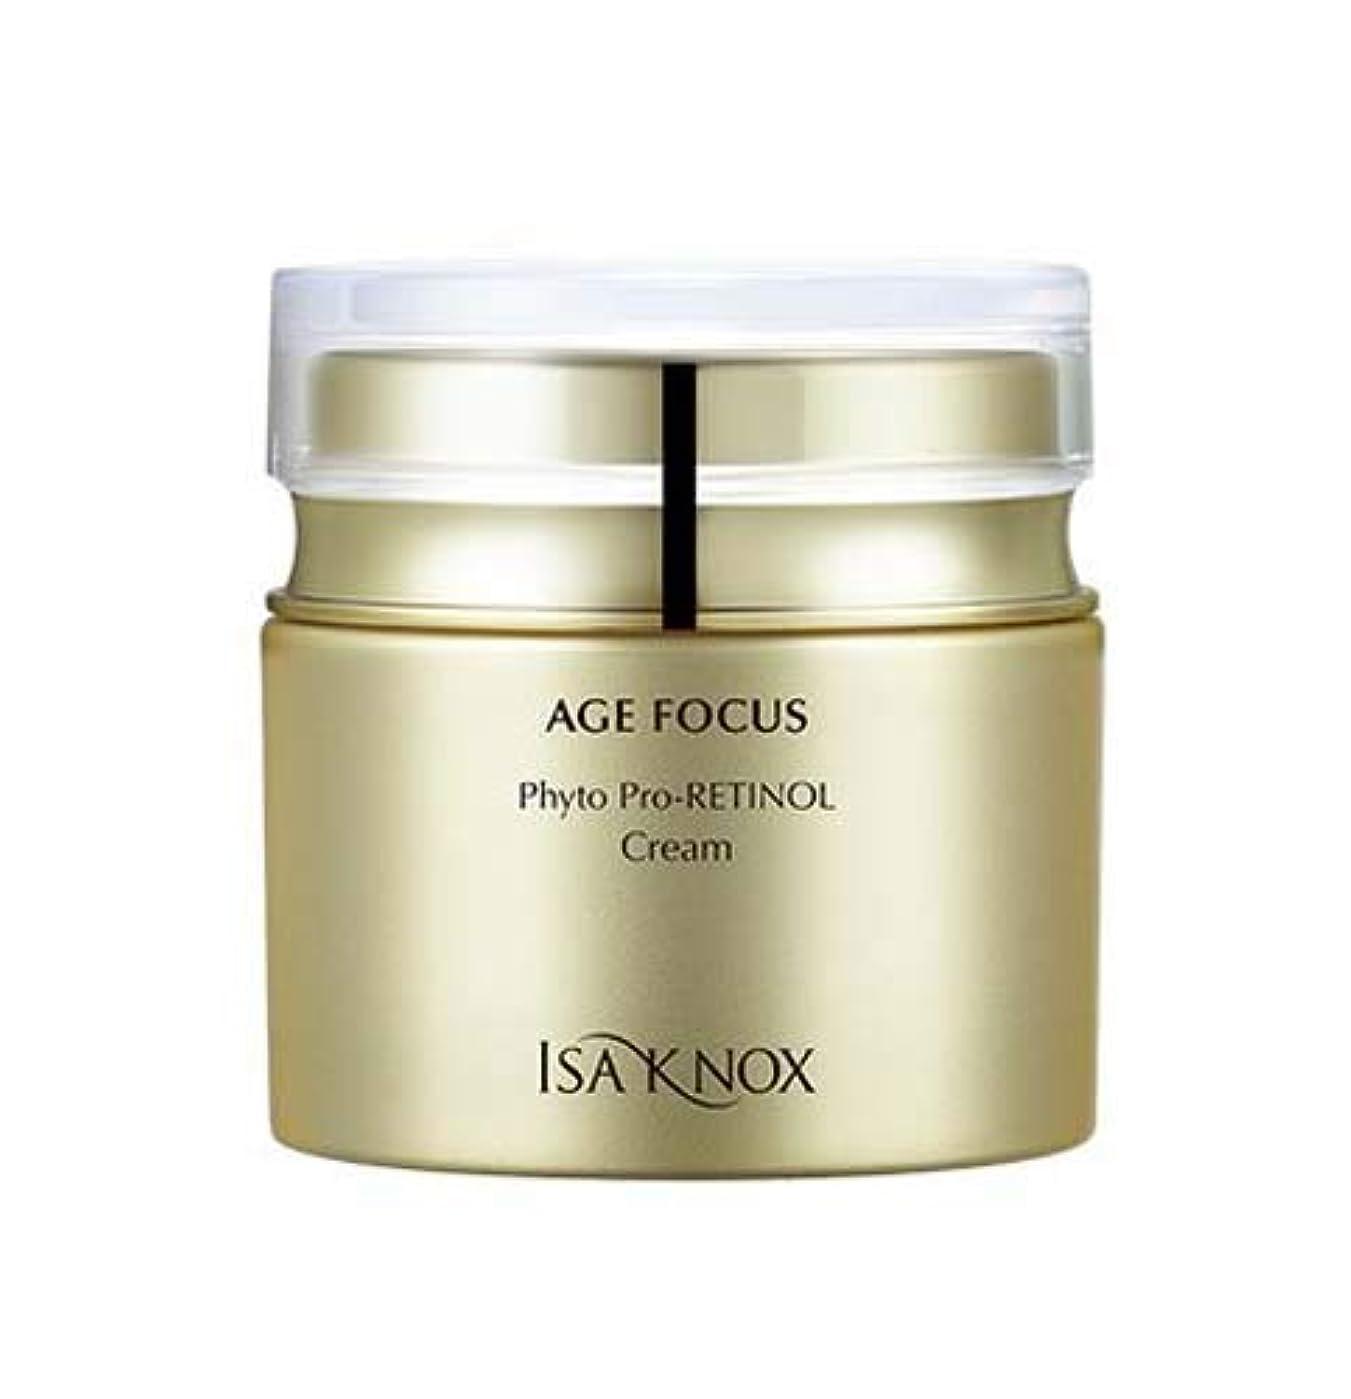 食器棚道徳のおびえた[イザノックス] ISA KNOX [エイジフォーカス フィト プロレチノール クリーム 50ml] AGE FOCUS Pro-Retinol Cream 50ml [海外直送品]